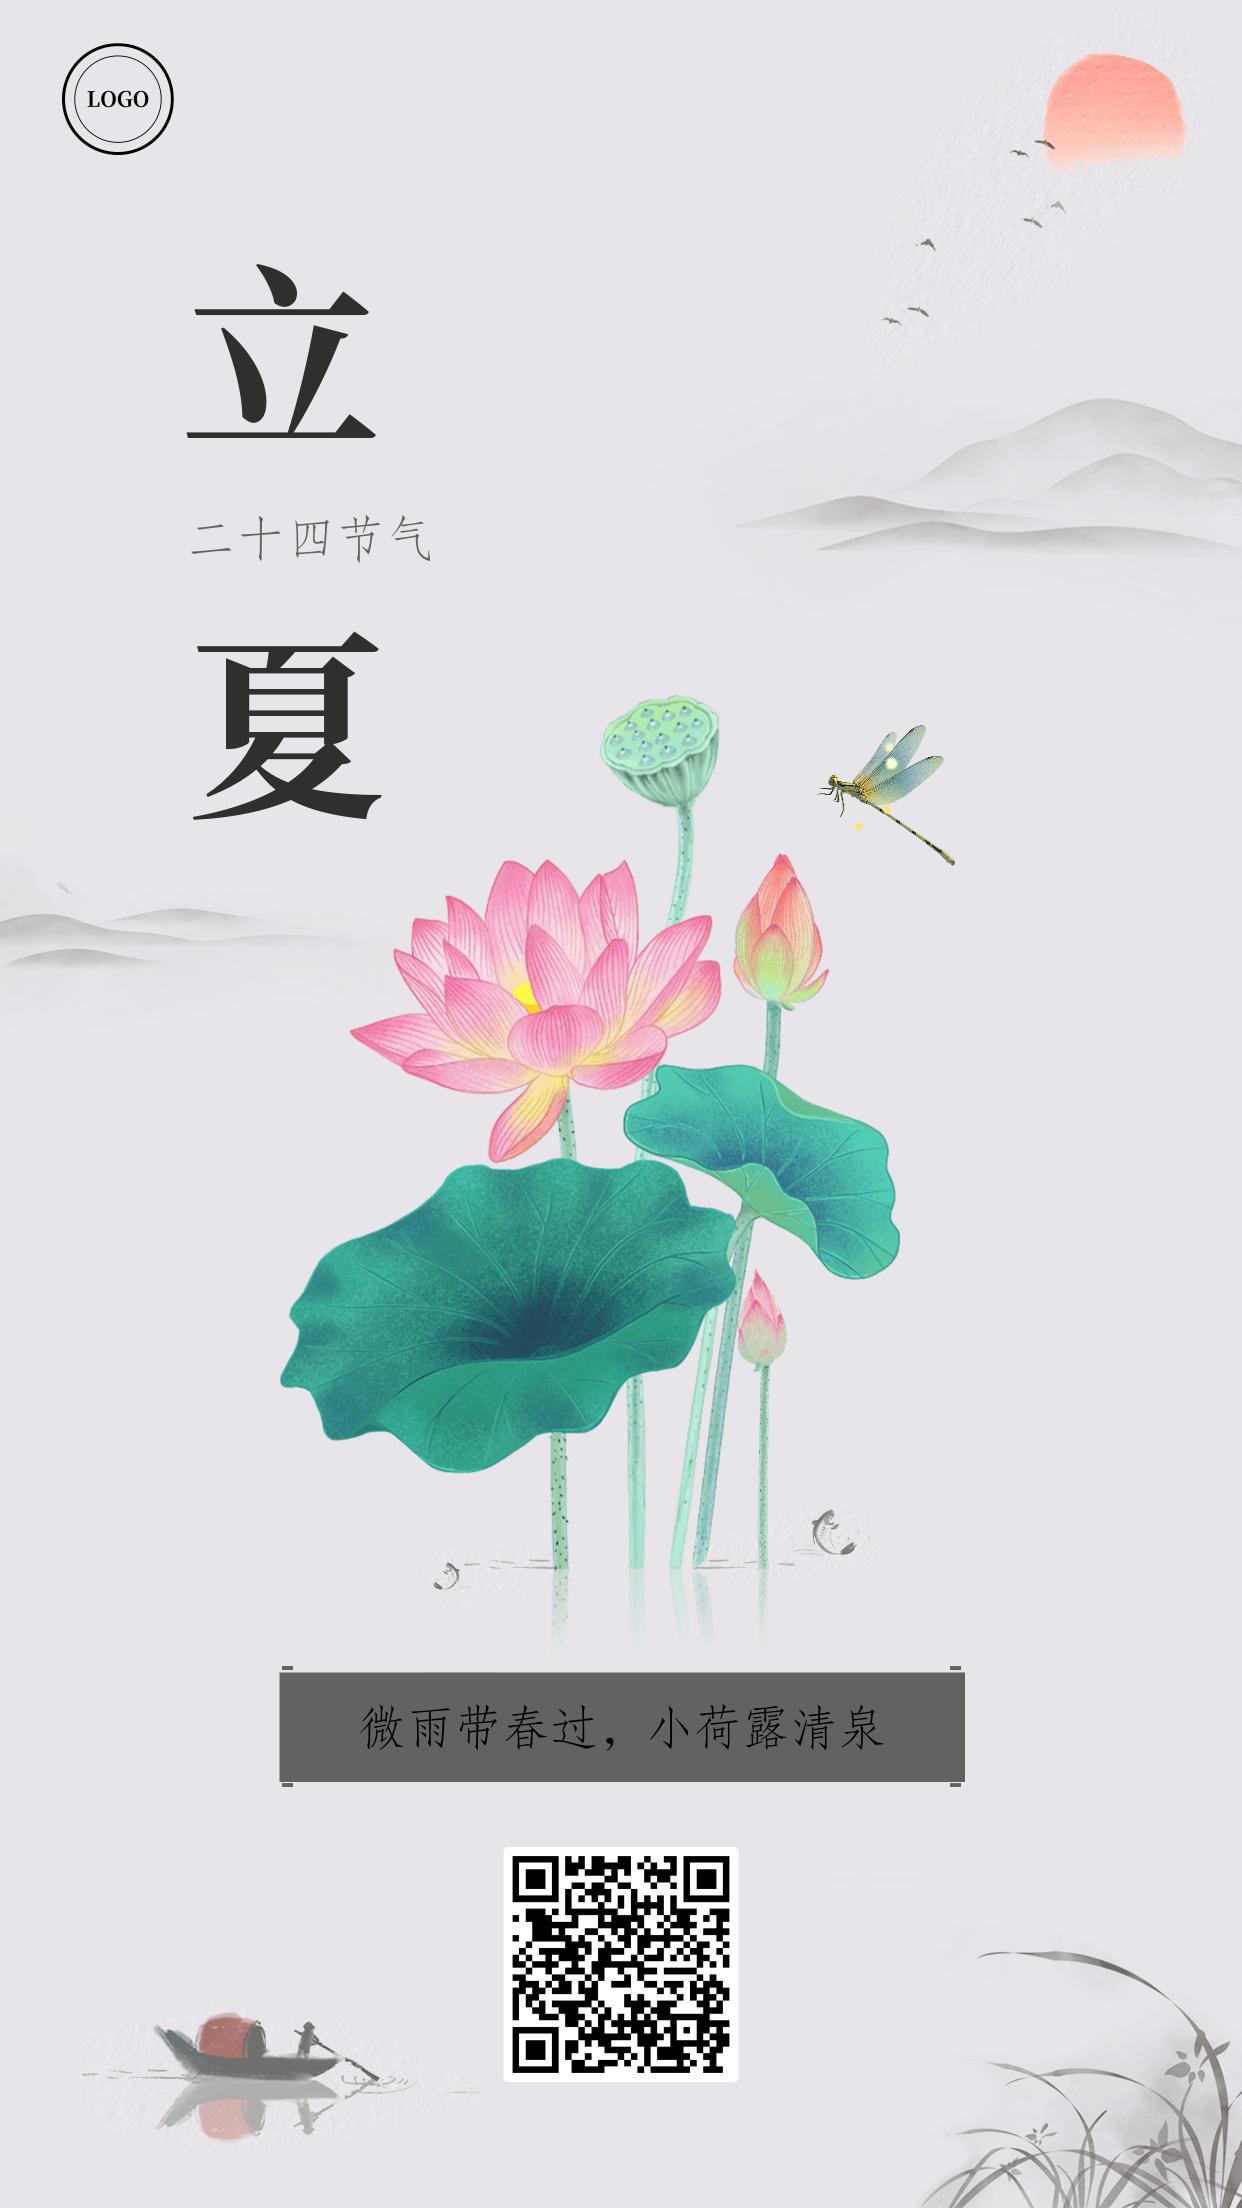 立夏节气祝福问候中国风手机海报